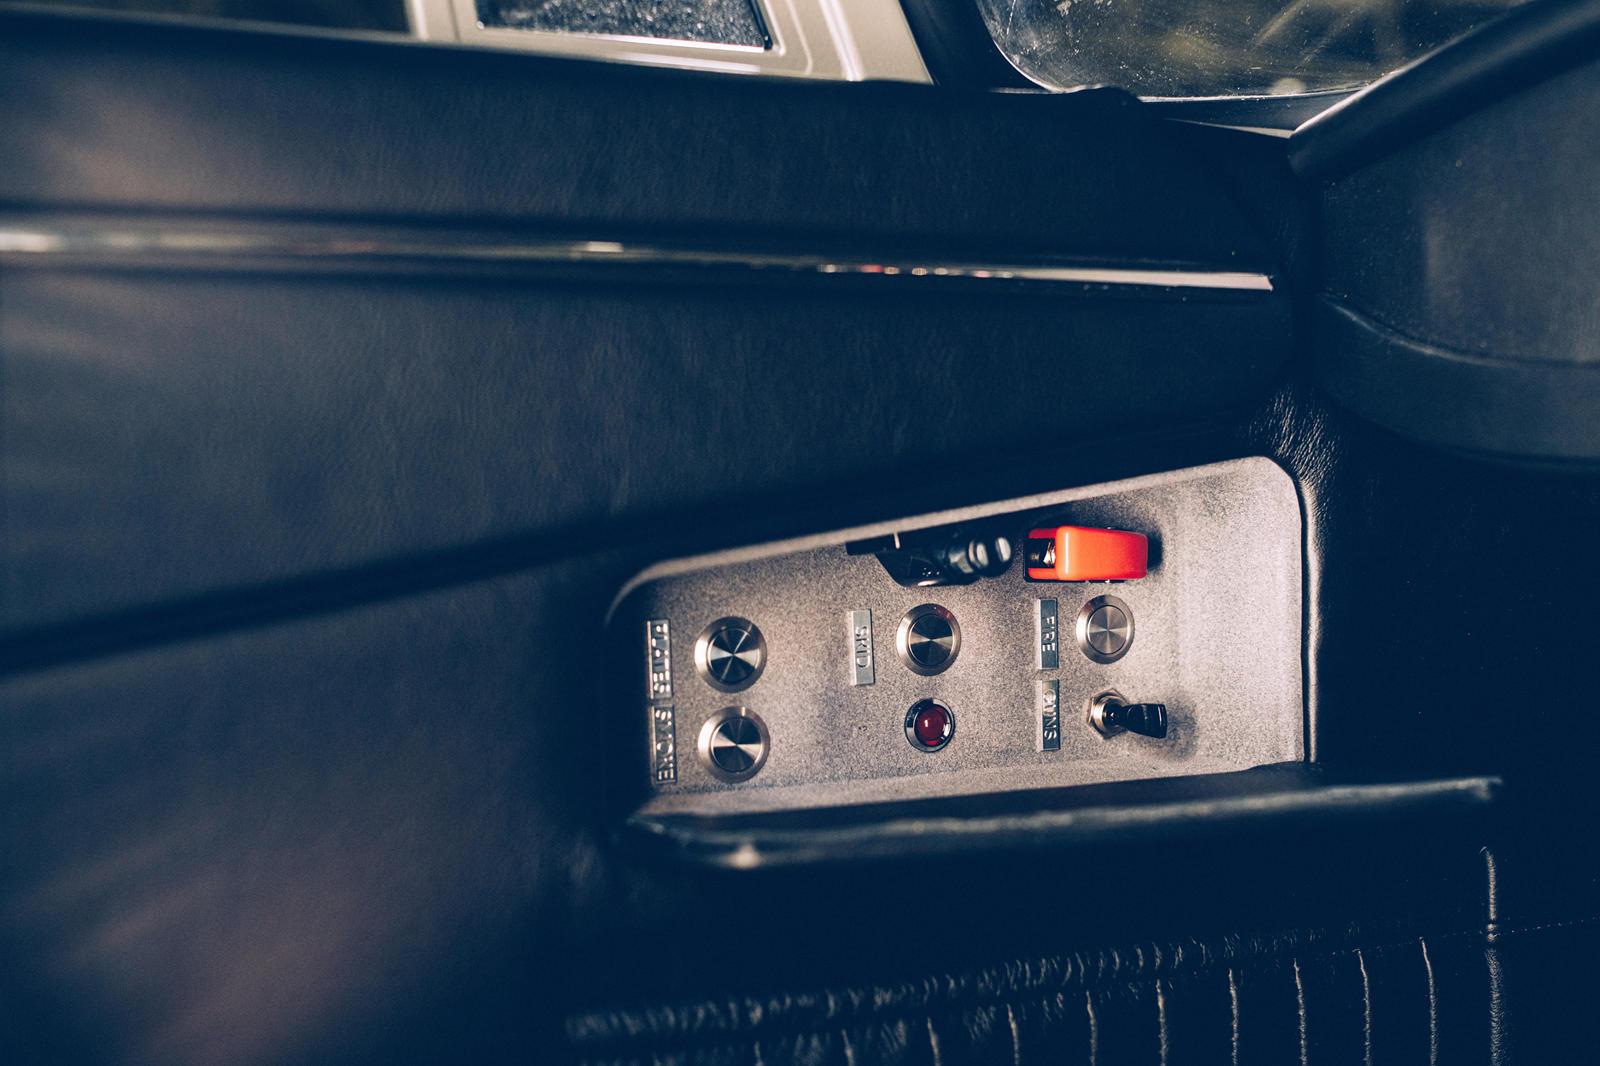 Как и стандартный DB5 Junior, эта специальная модель представляет собой версию настоящего DB5 в масштабе двух третей, оснащенную полностью электрической трансмиссией. Junior No Time To Die Edition окрашен в цвет Silver Birch как дань уважения DB5 Бон